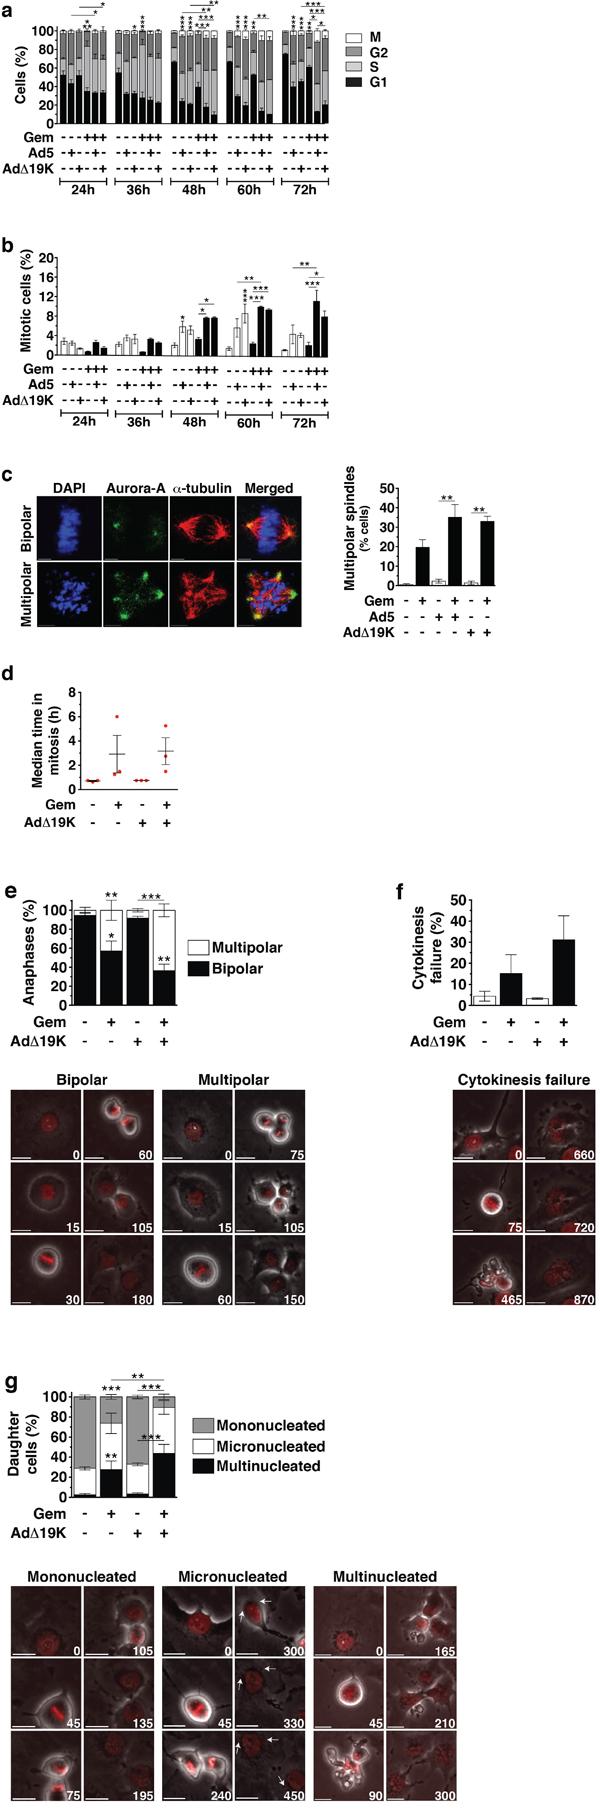 Adenovirus increases the mitotic index in gemcitabine-treated cells and enhances aberrant passage through mitosis.